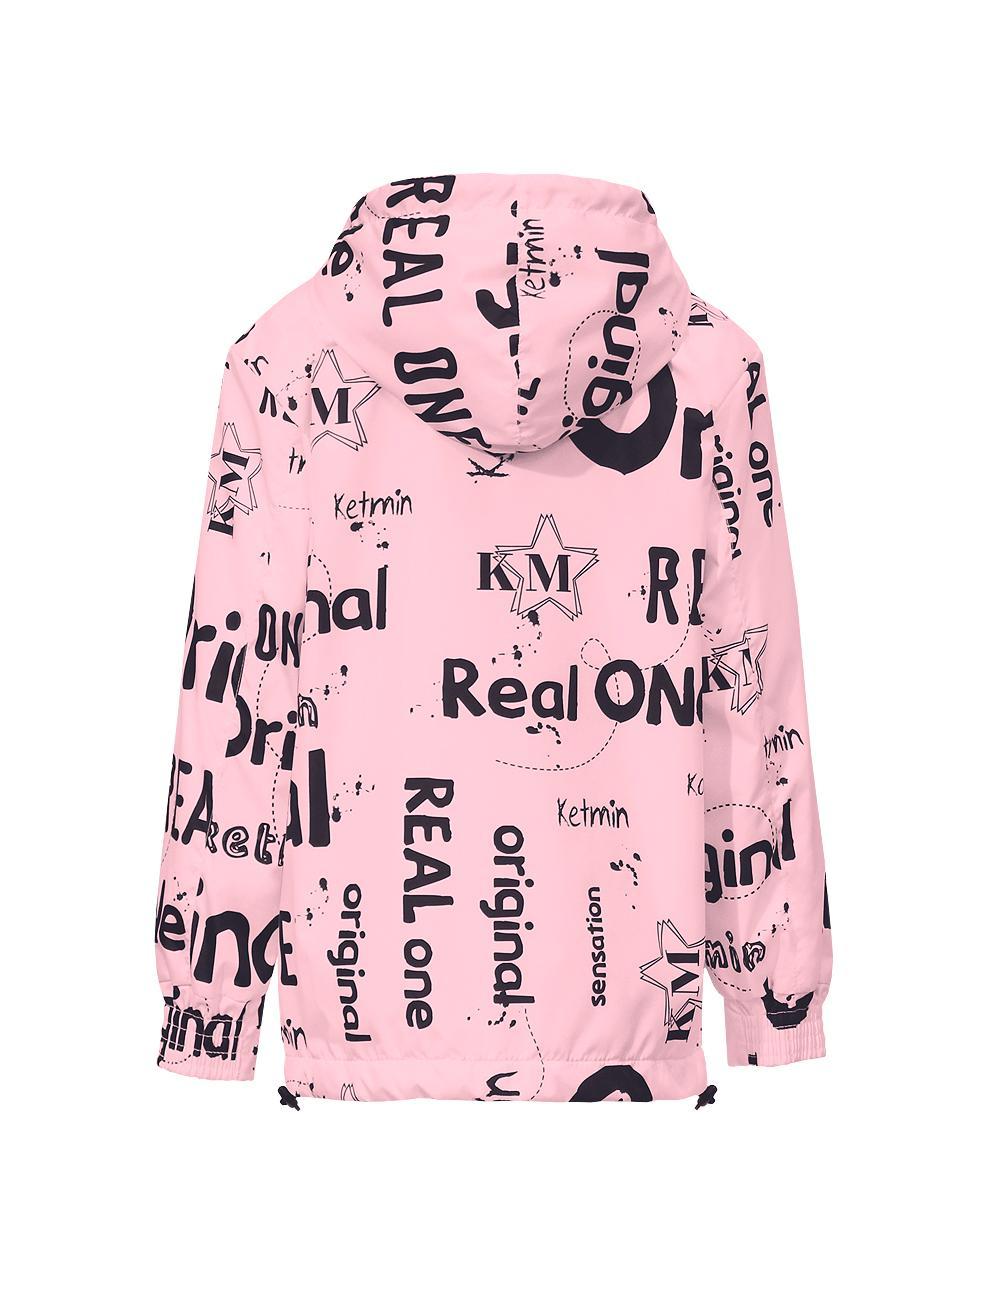 Жакет спортивный подростковый REAL ONE Demi цв.Розовый